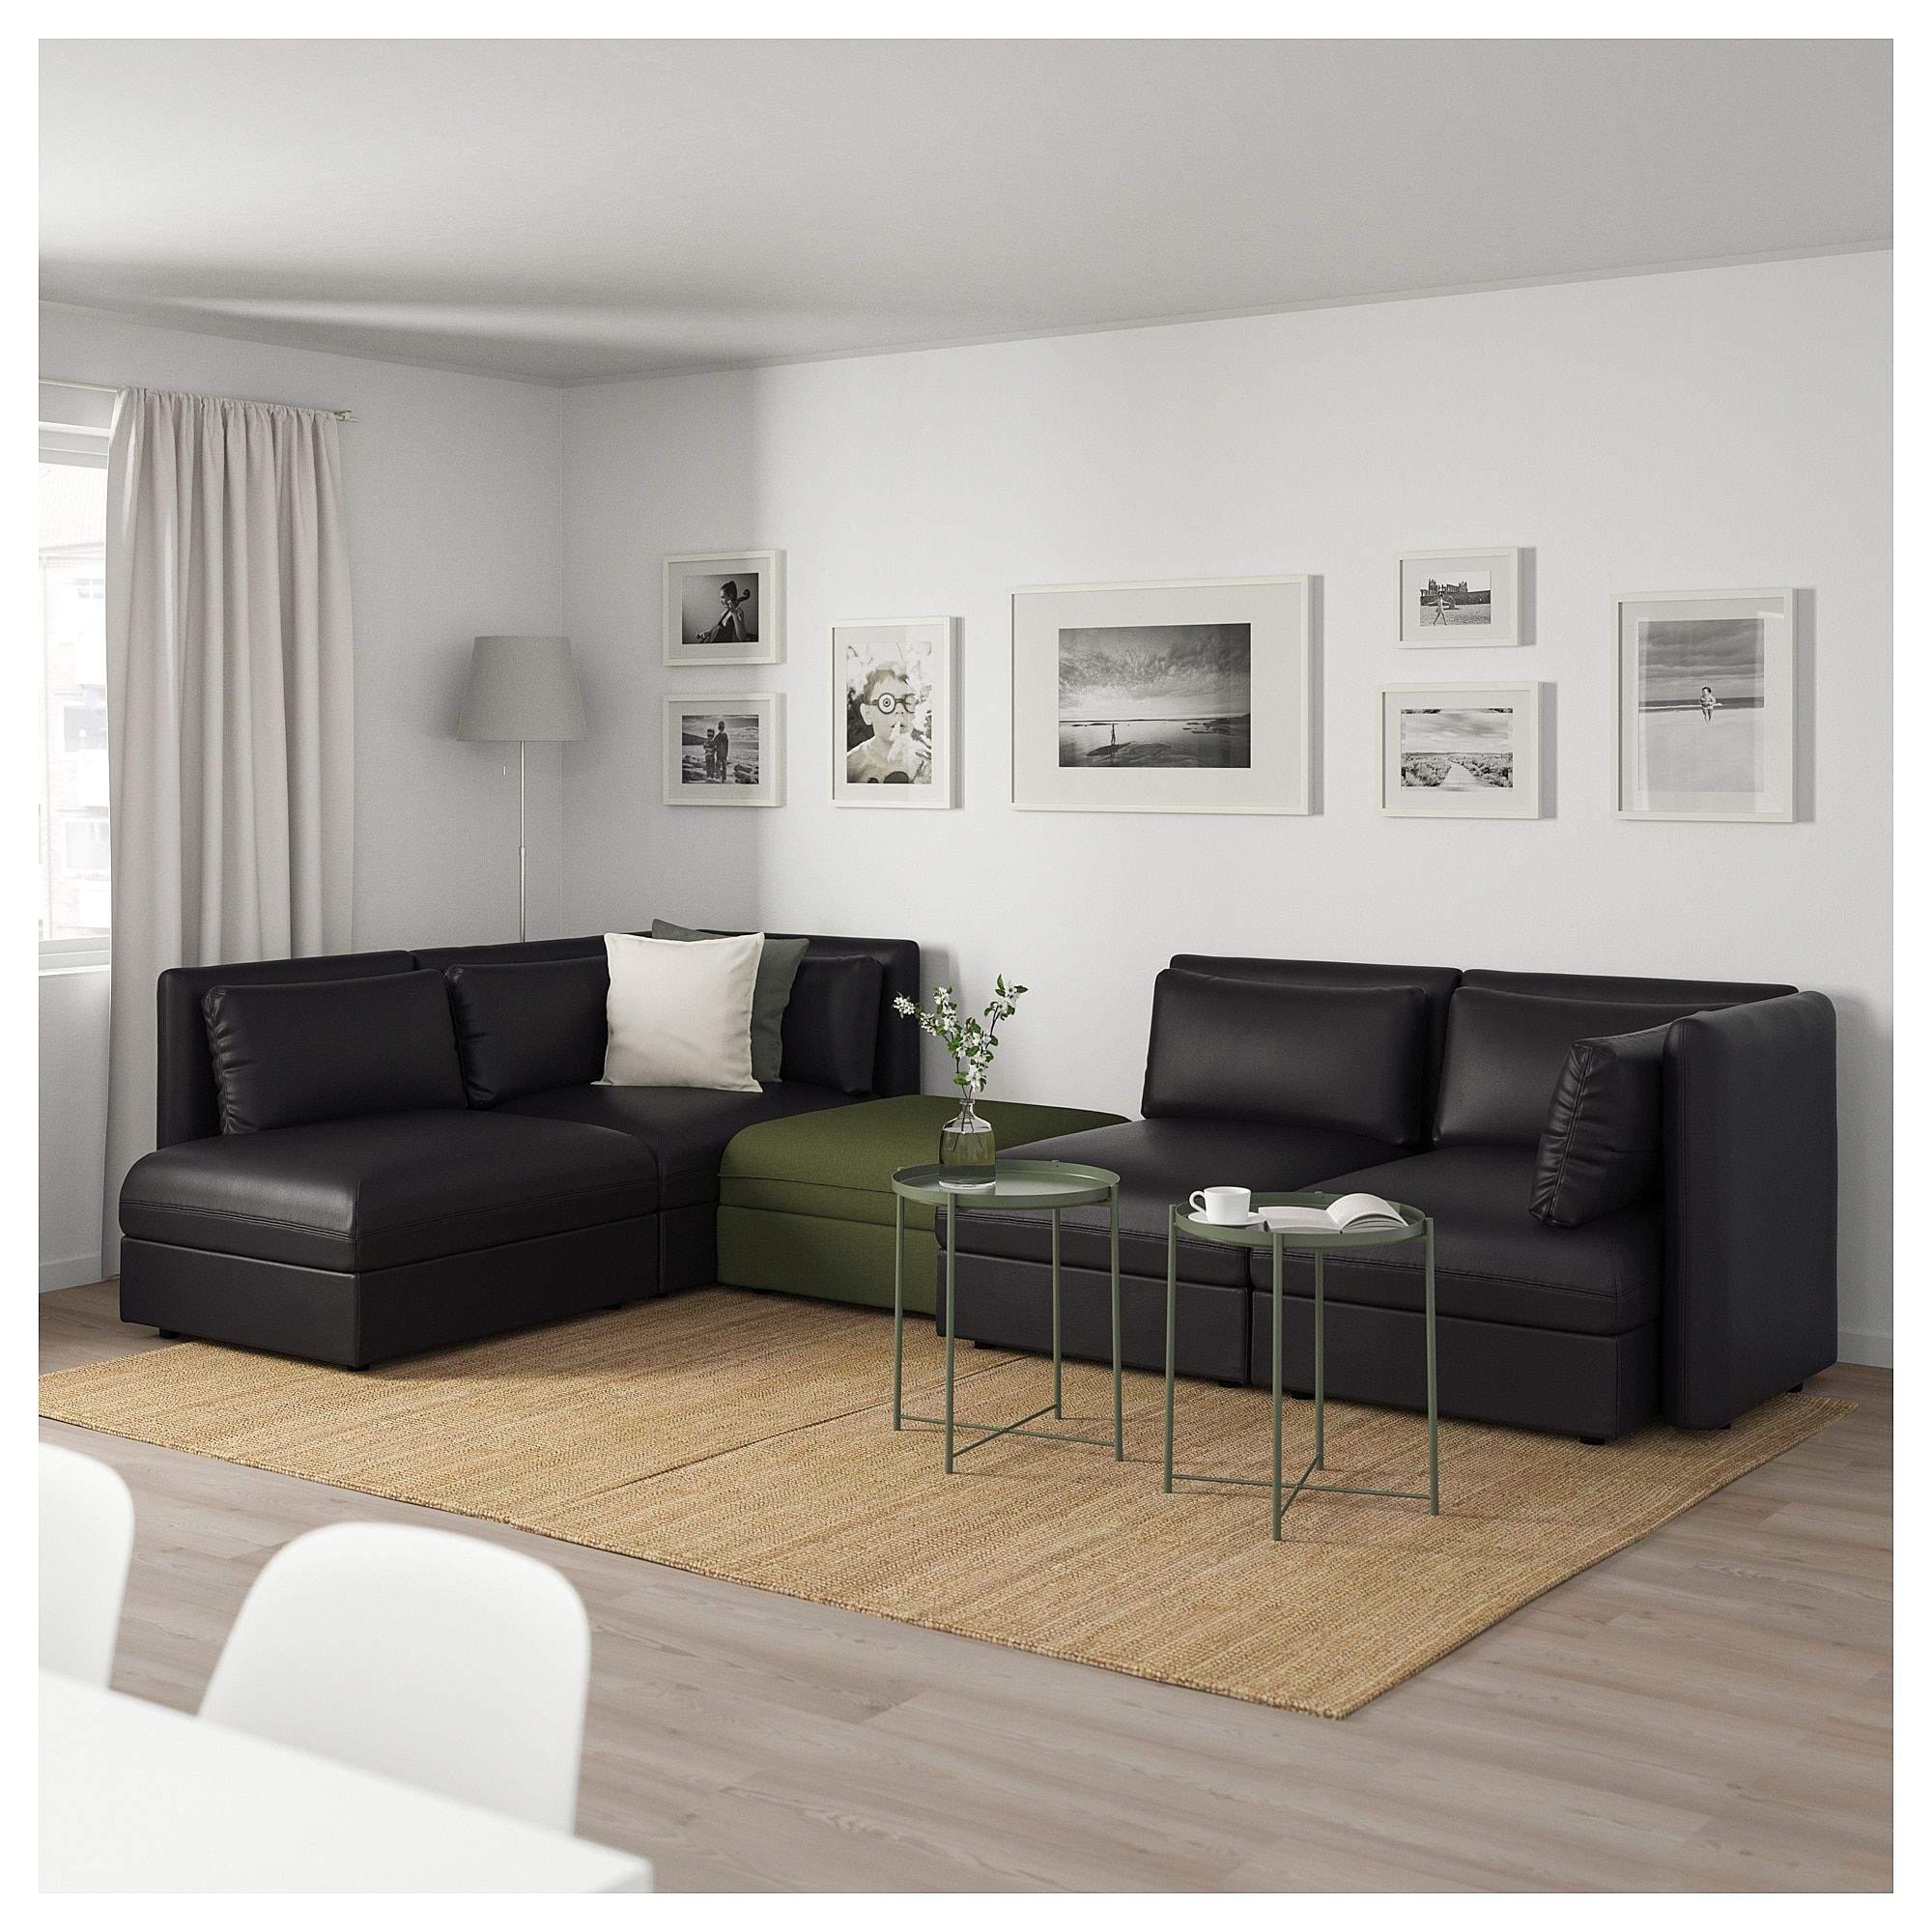 Ikea Stauraum Wohnzimmer